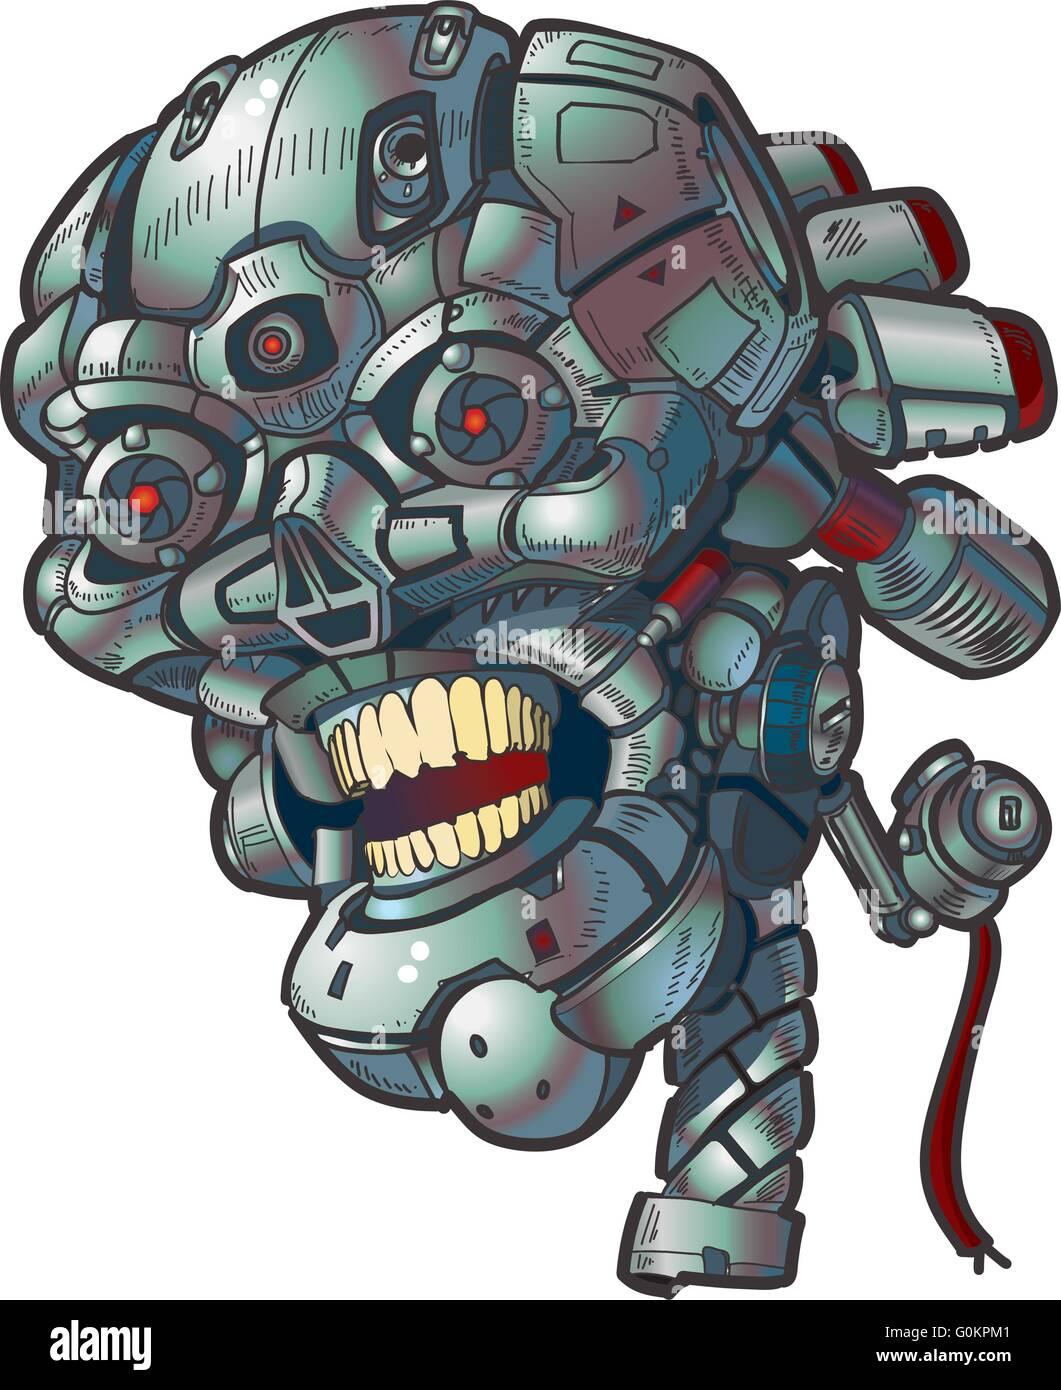 Vector cartoon clip art illustration of a robot skull. - Stock Image